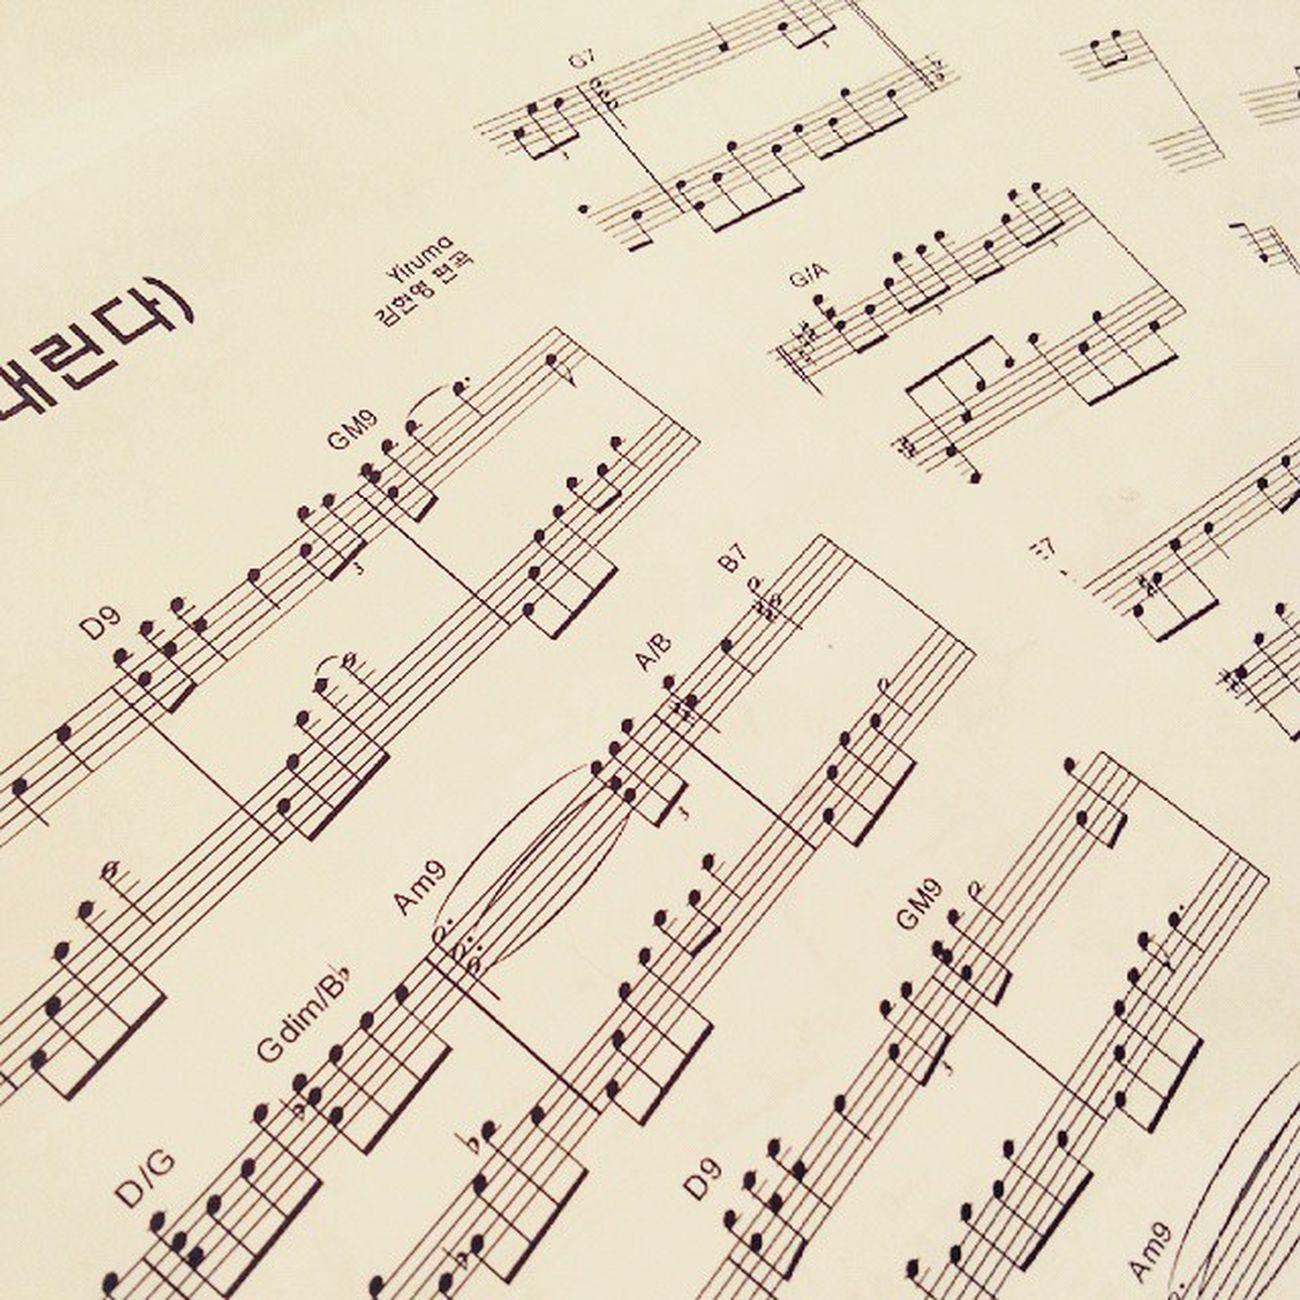 """Каждому нормальному музыканту для счастья надо: ноутбук , интернет и принтер . Это сейчас. Раньше Страх божий творился. Вот за это я люблю технический прогресс . На фото представлено: Yiruma """"Falling"""". 김현영 편곡 가을은 내린다 Music Notes Piano Solo Text Romanticpiano Newage музыка ноты фортепиано пианино текст нюэйдж ньюэйдж новаяэра"""